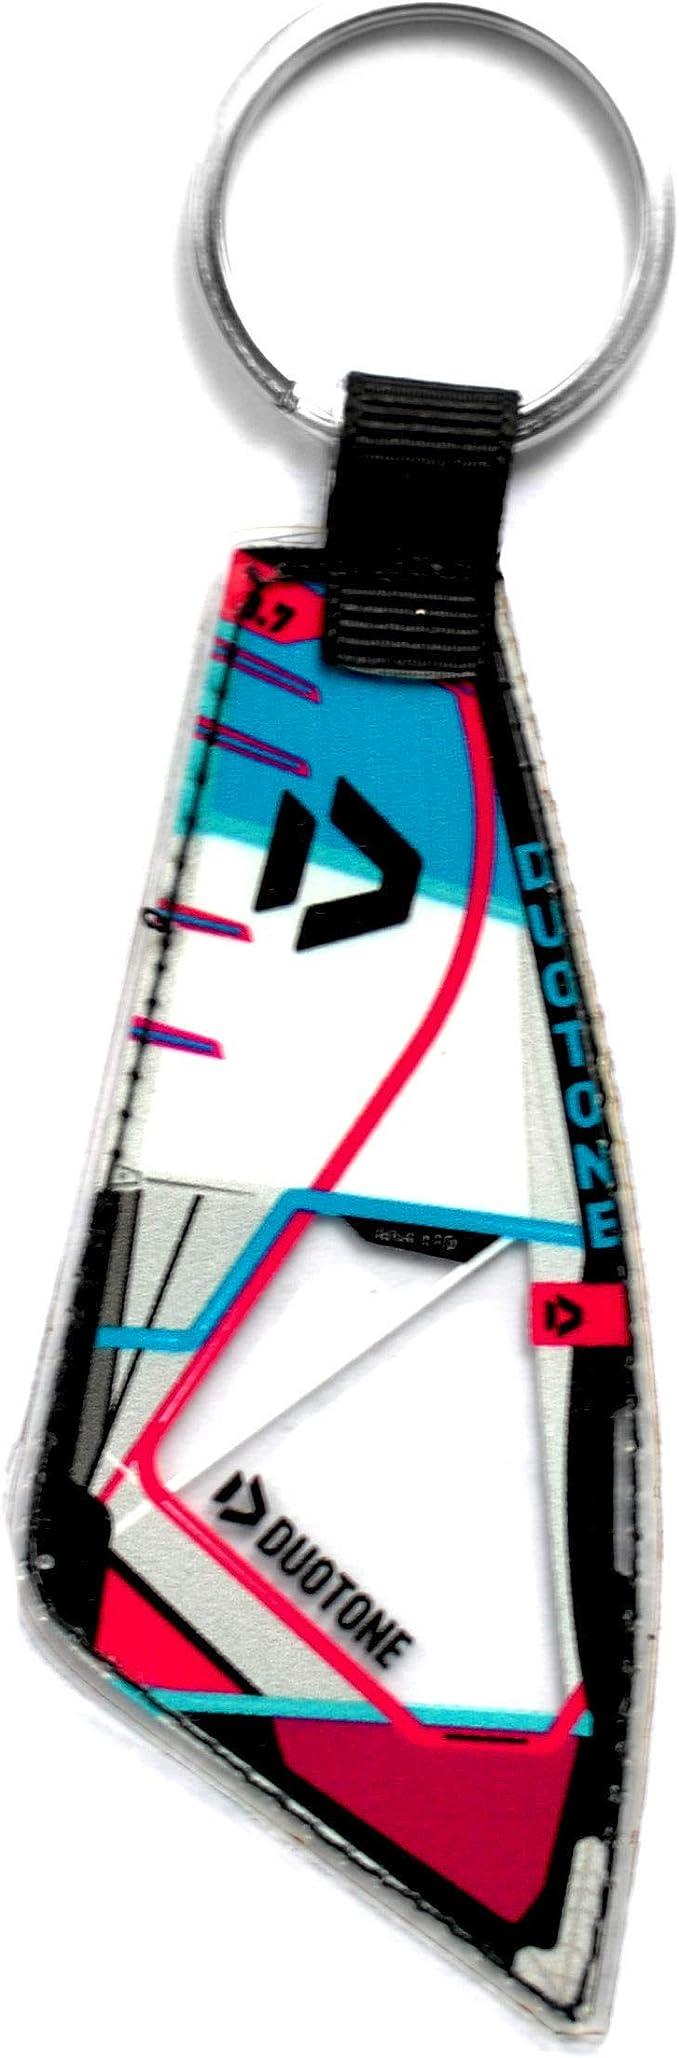 Porte-cl/és Planche /à Voile Porte-cl/és Planche /à Voile Porte-cl/é Fob Vraies voiles Windsurfing